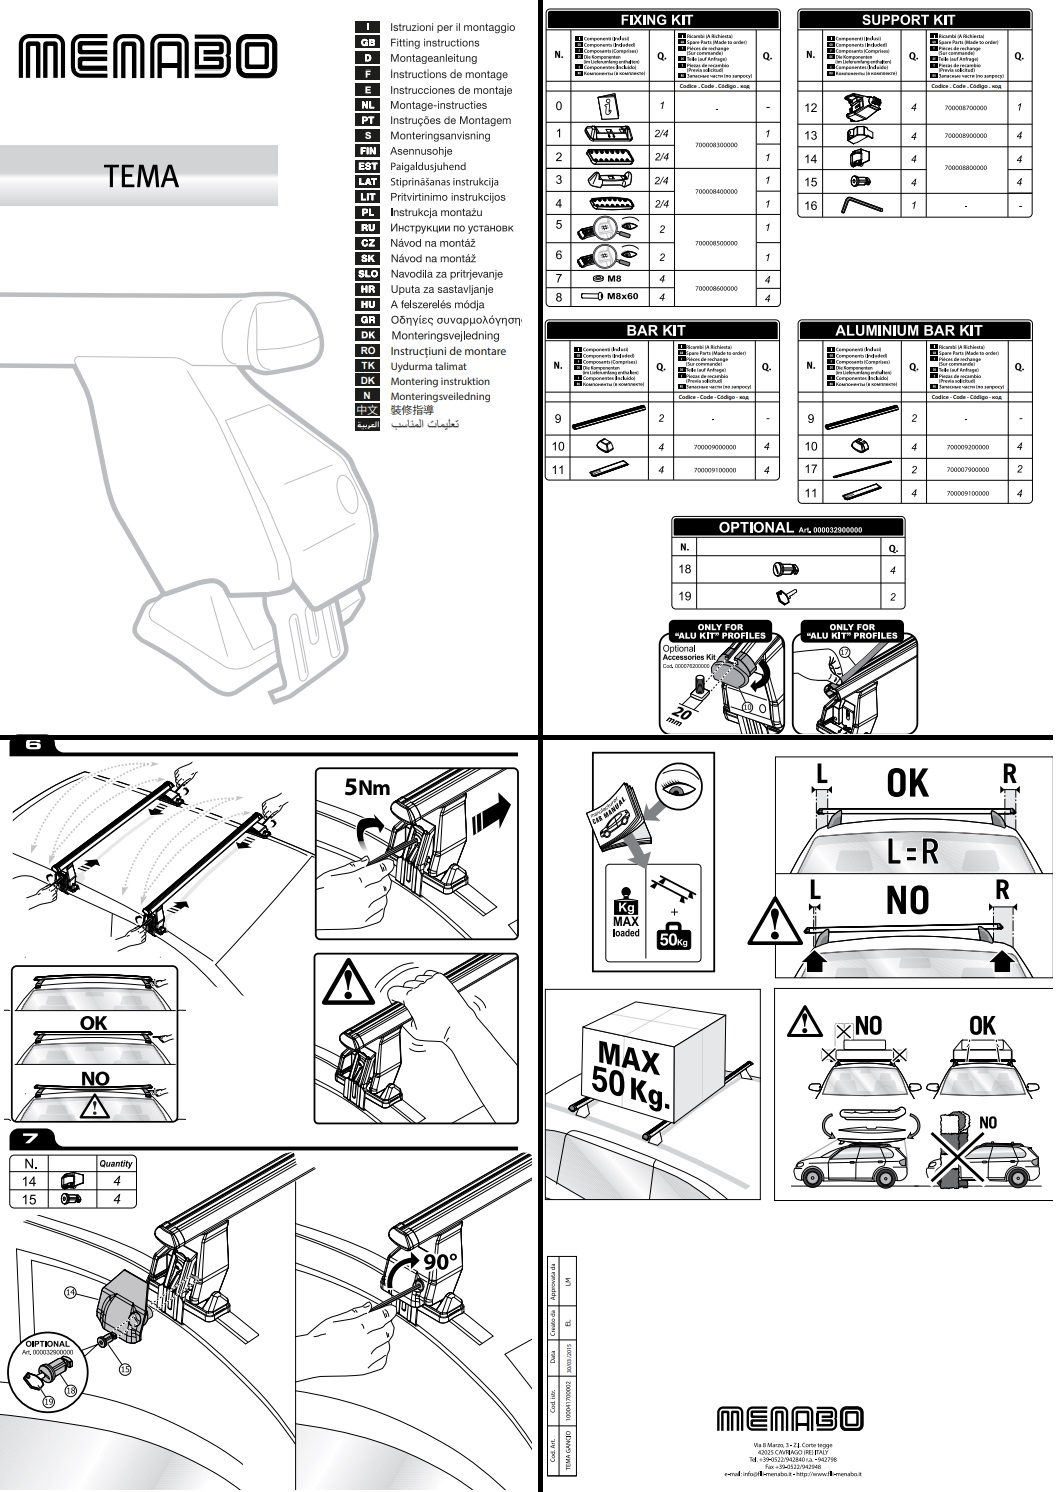 Menabo Tema Stählerne Dachträger Set für Seat Leon III 2012 FIX059G/_A7